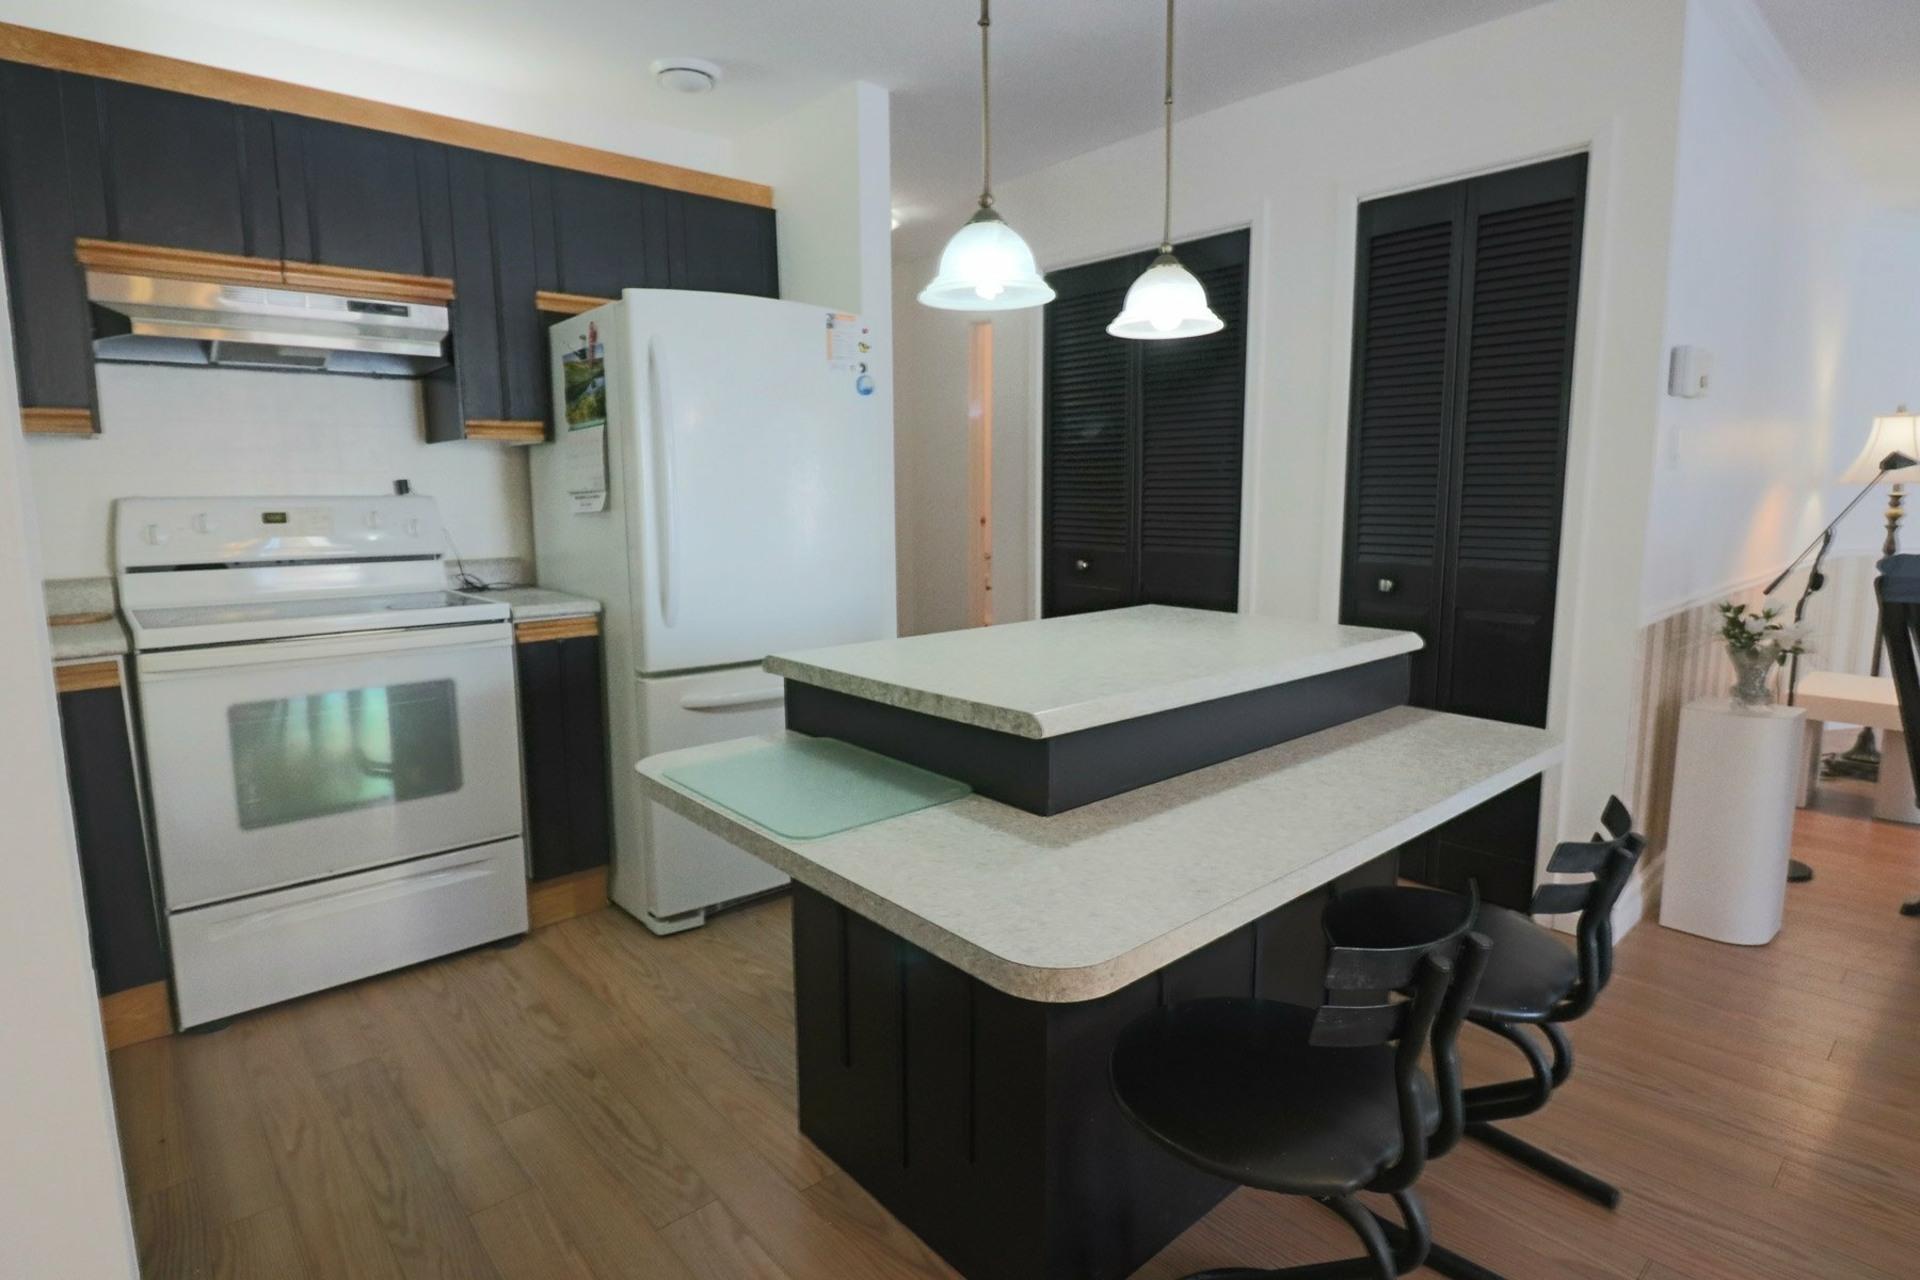 image 6 - Appartement À vendre Trois-Rivières - 8 pièces